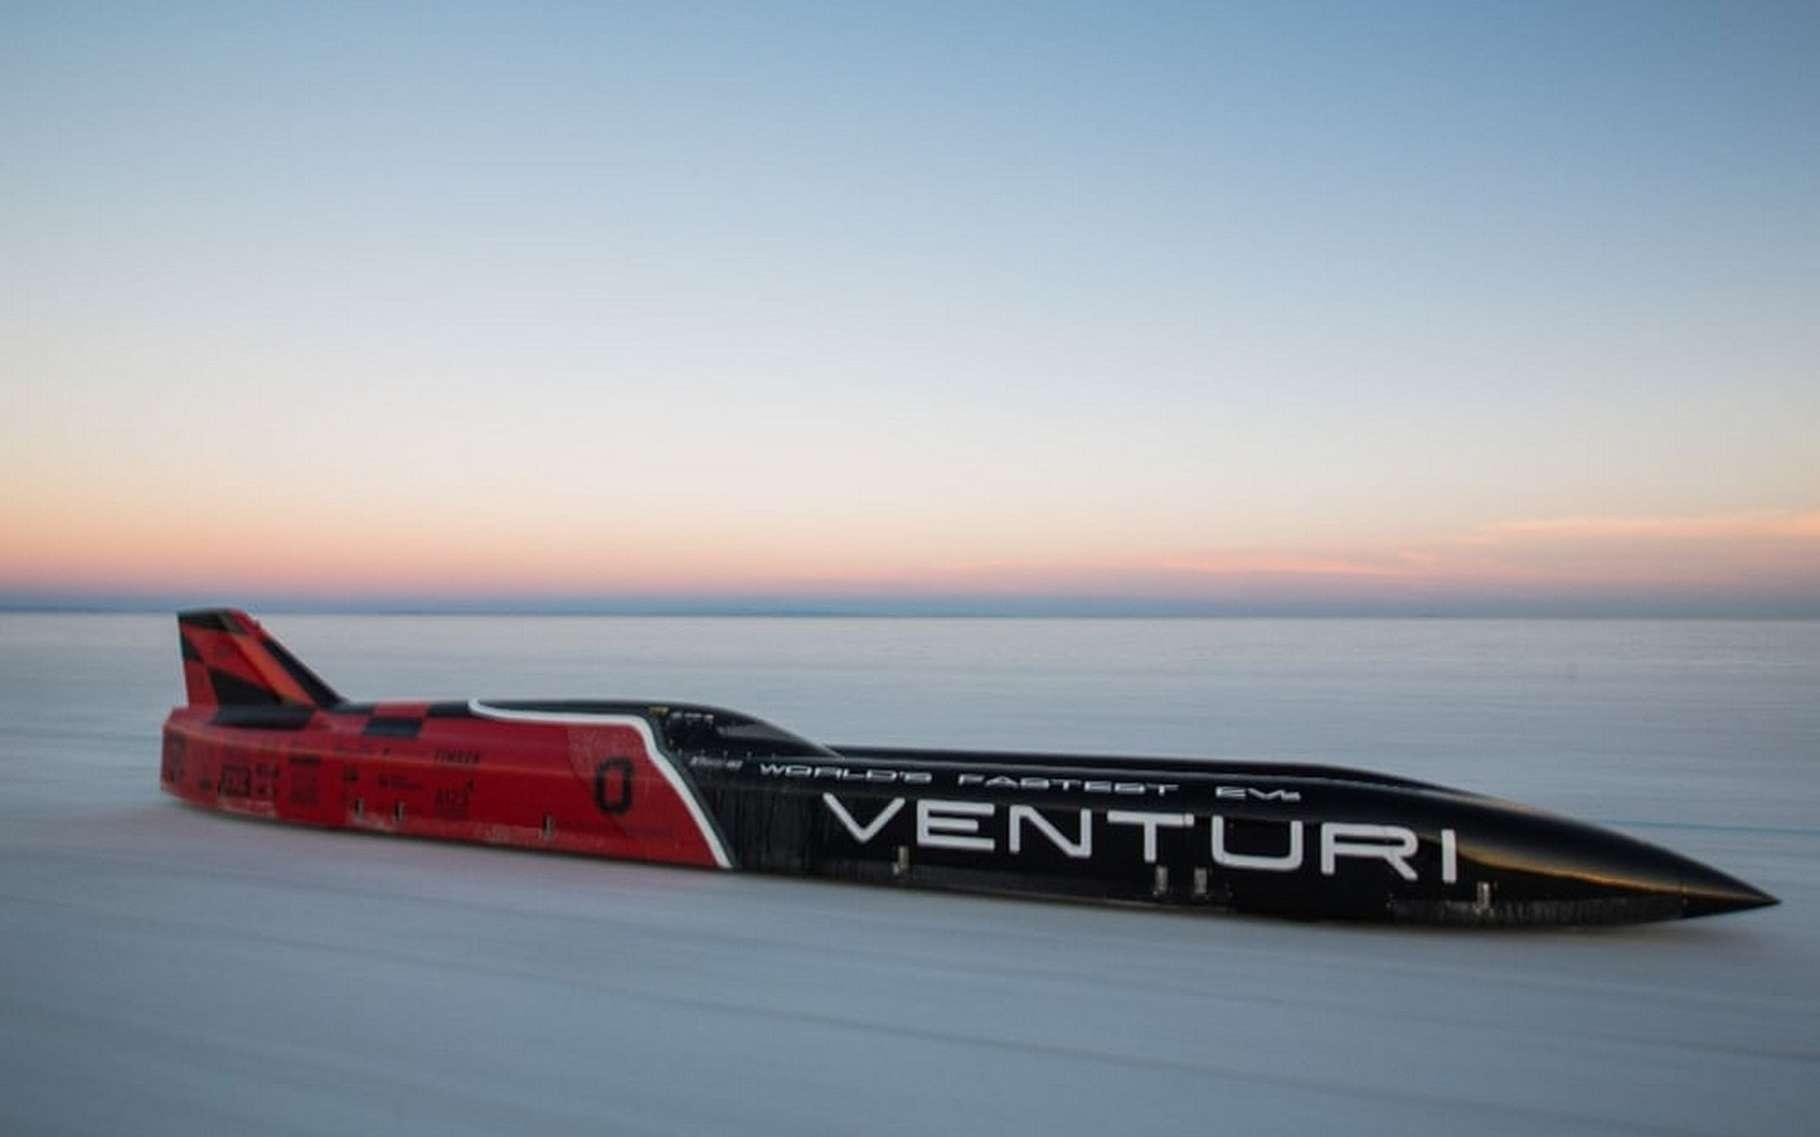 La Venturi VBB-3 compte bien rejoindre le cercle très fermé des voitures ayant atteint les 400 mph soit 644 km/h. © Venturi Automobiles